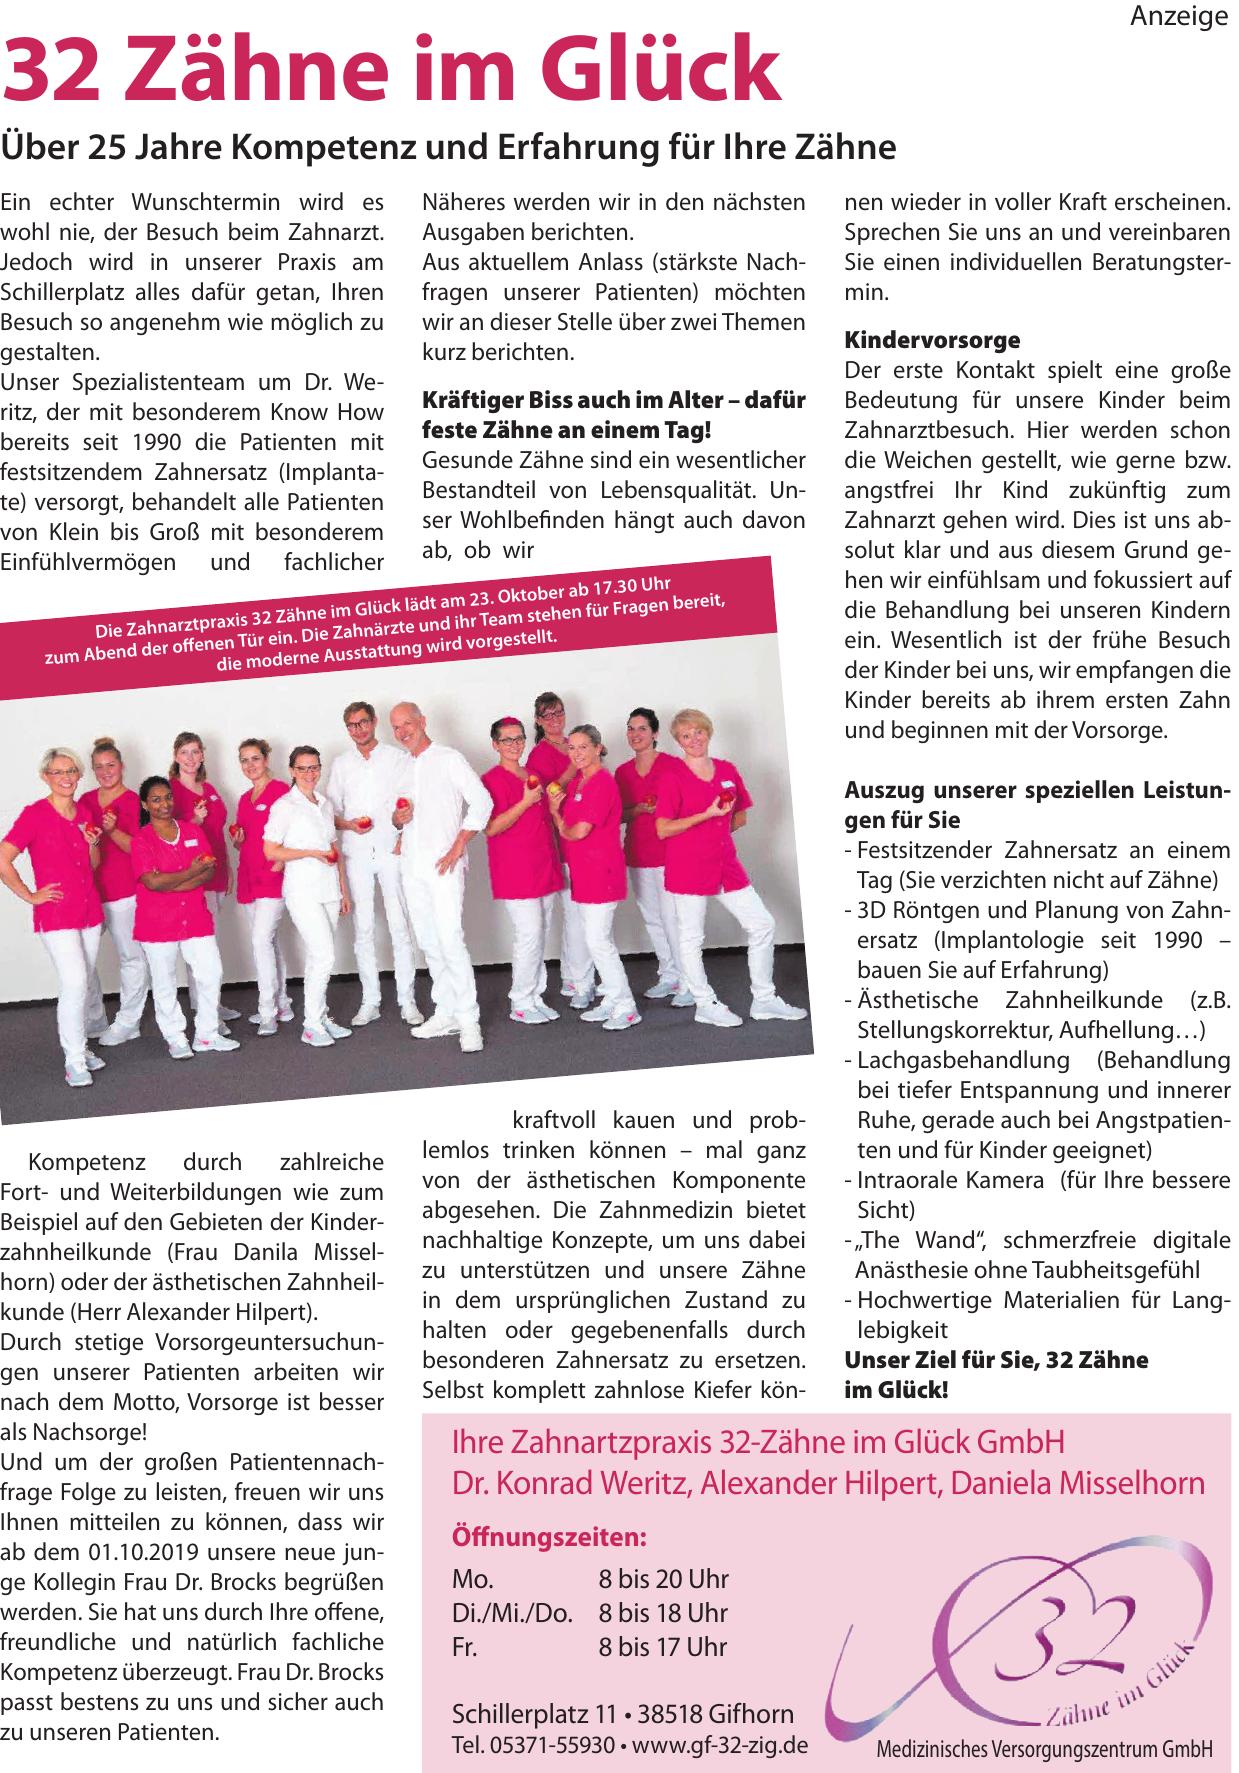 Zahnartzpraxis 32-Zähne im Glück GmbH